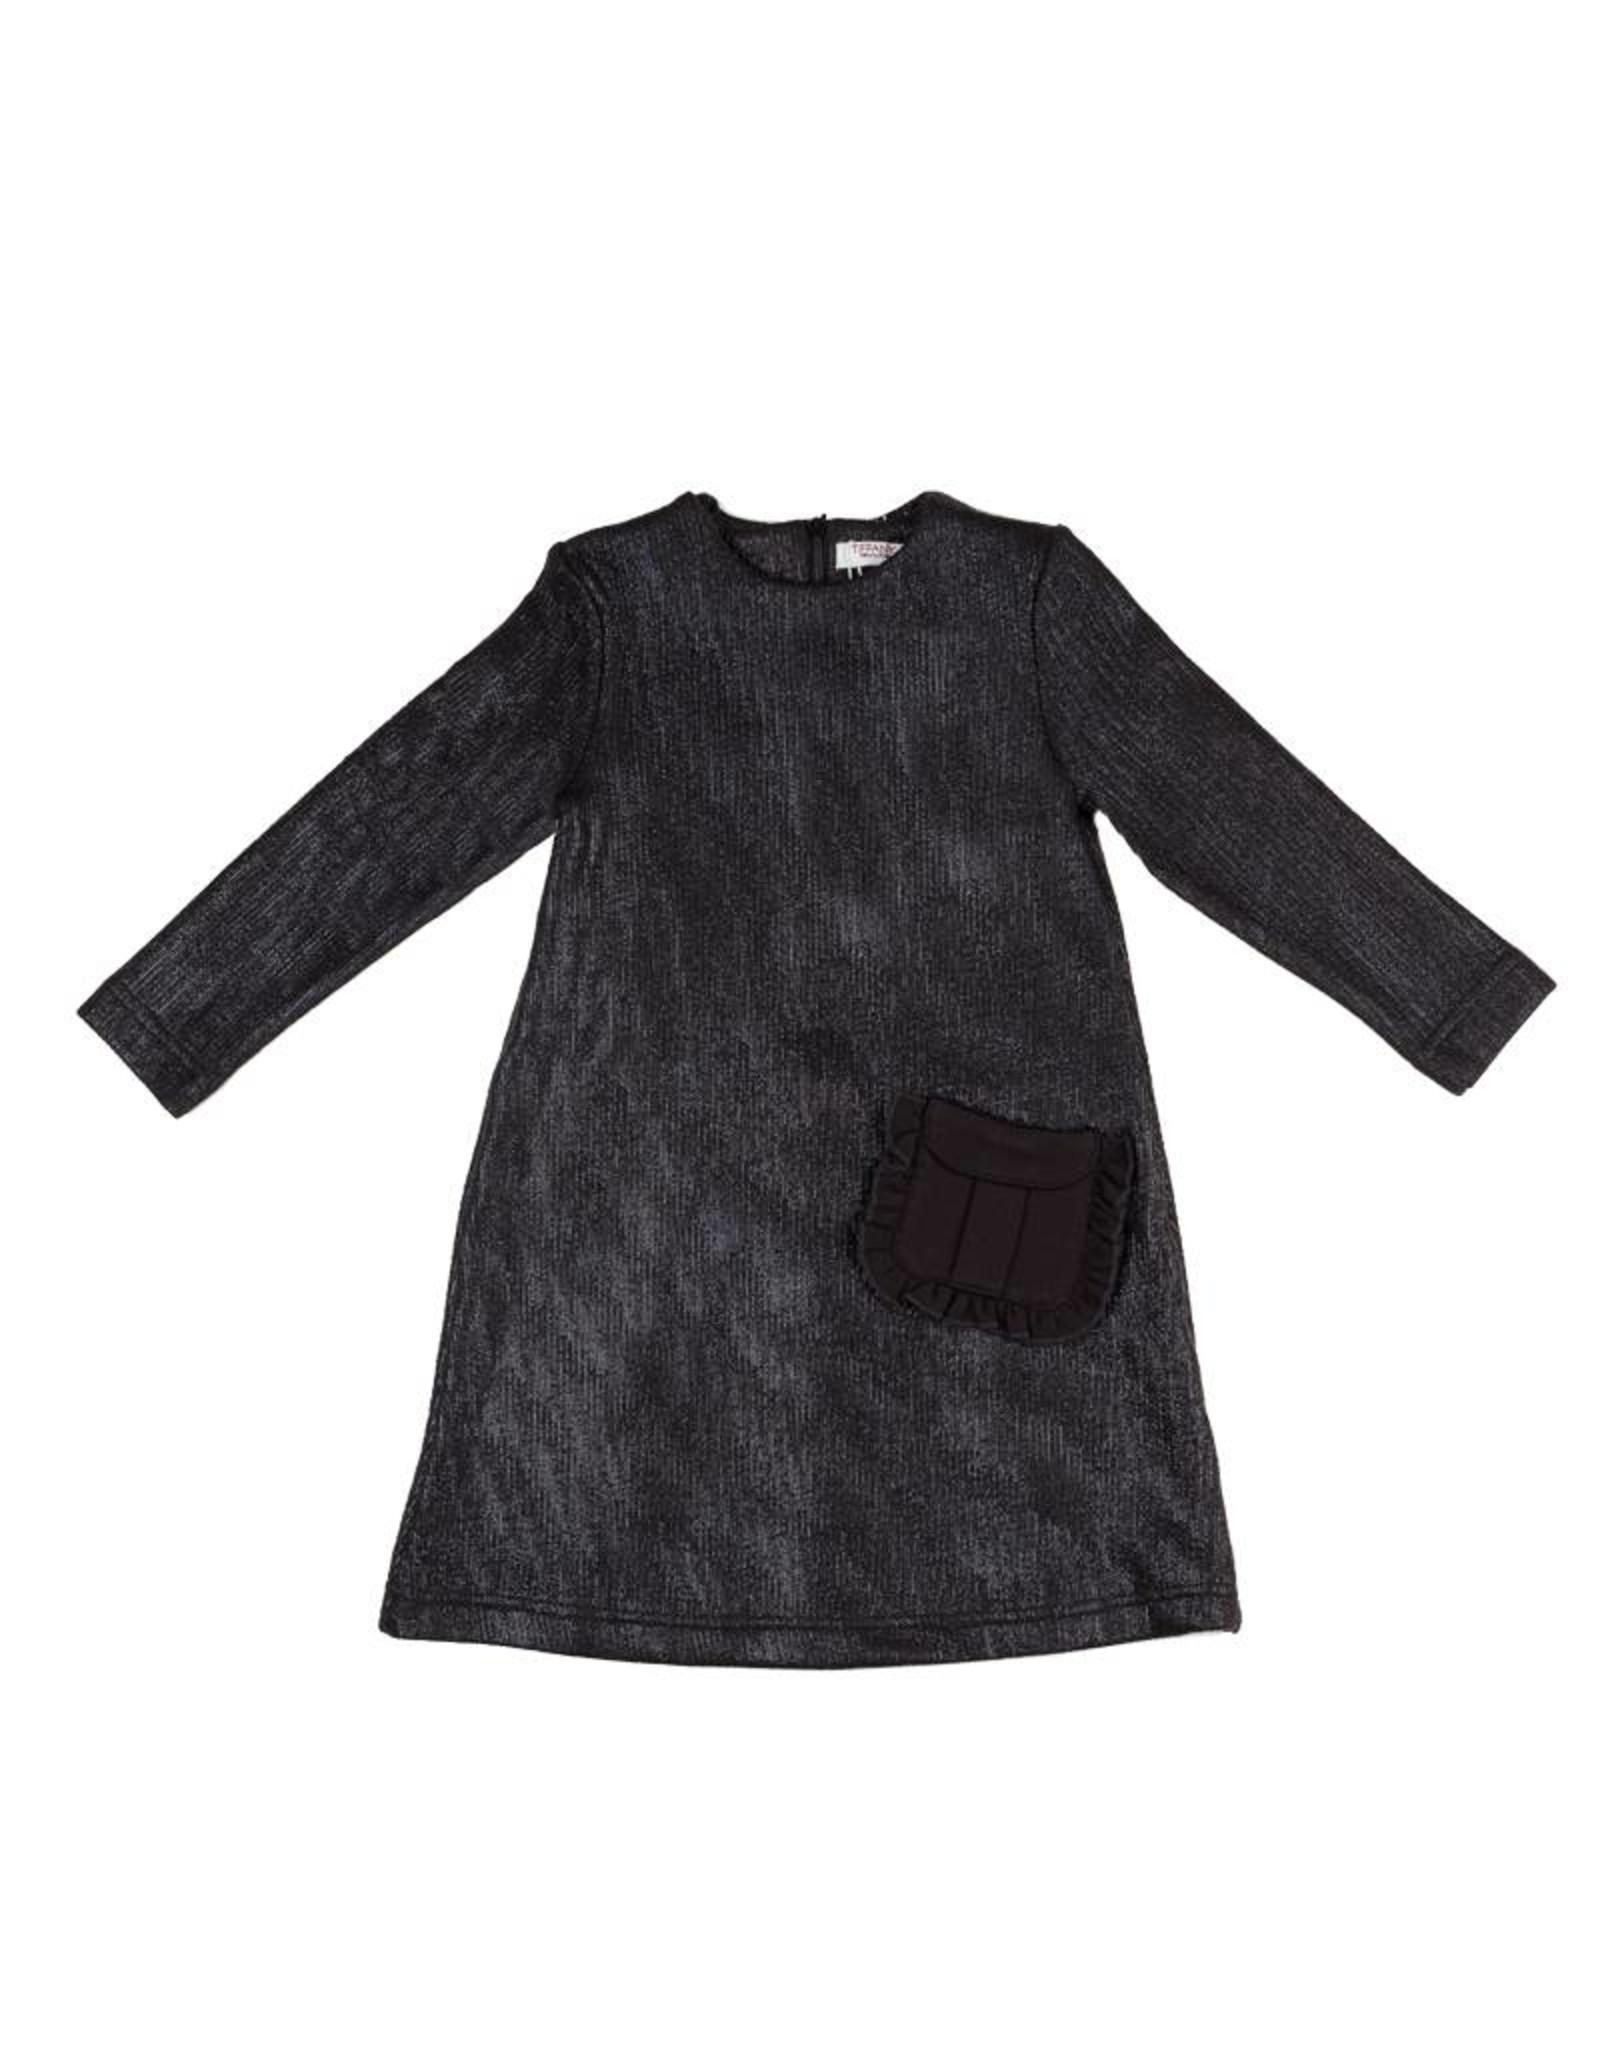 Tiffany Tiffany Metallic Open-Back Dress with Pocket